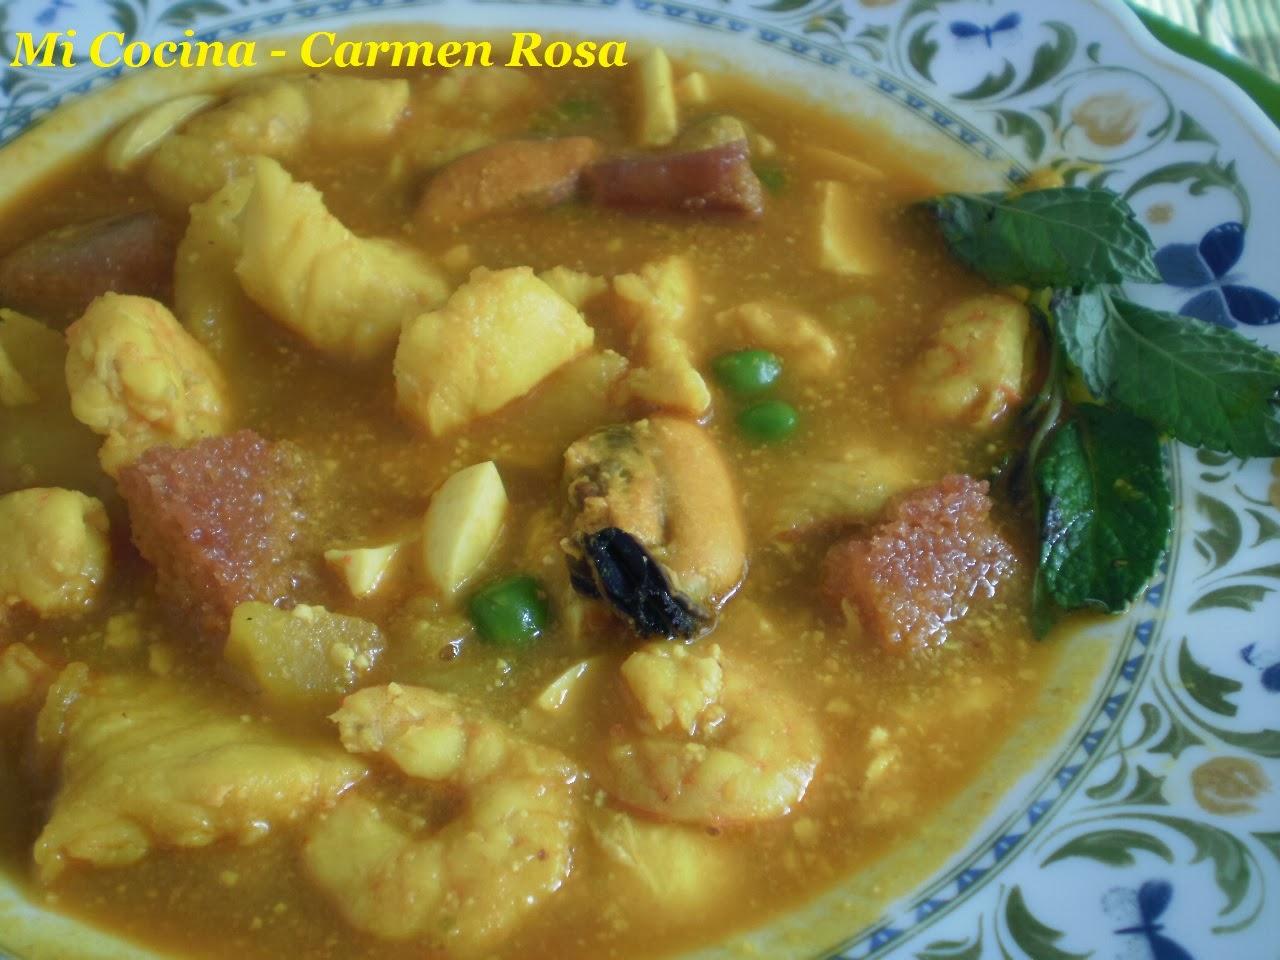 Mi cocina sopa malague a de almendras con pescado y marisco for Mi cocina malaga